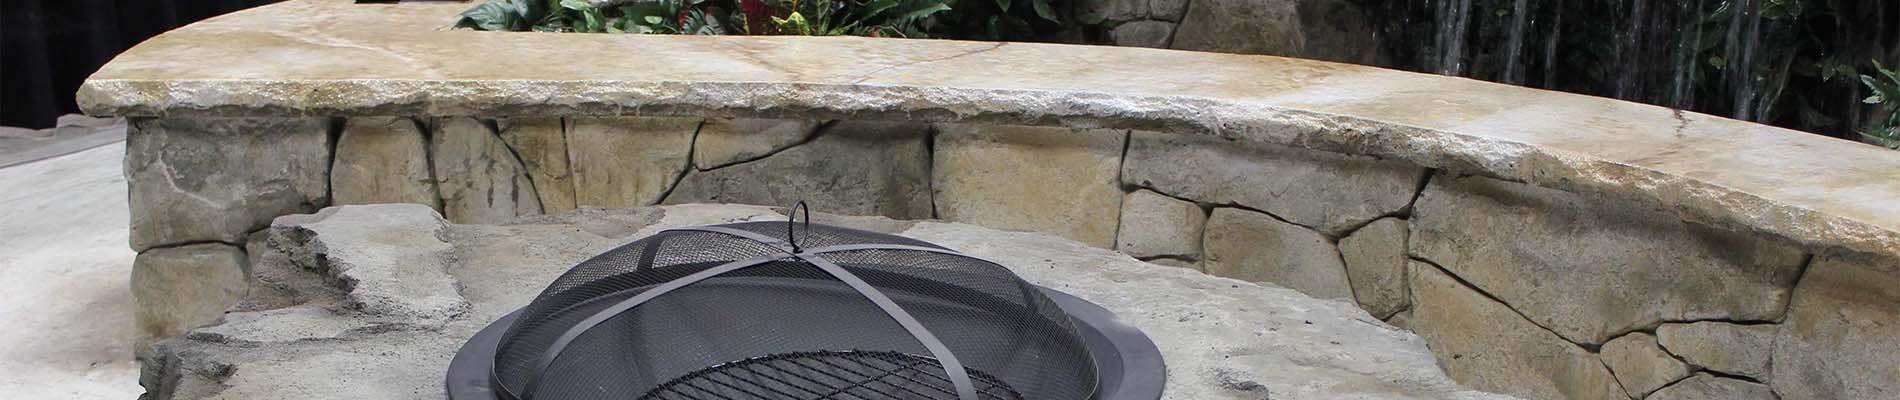 Decorative Concrete Training vertical artisans - decorative concrete training and resources